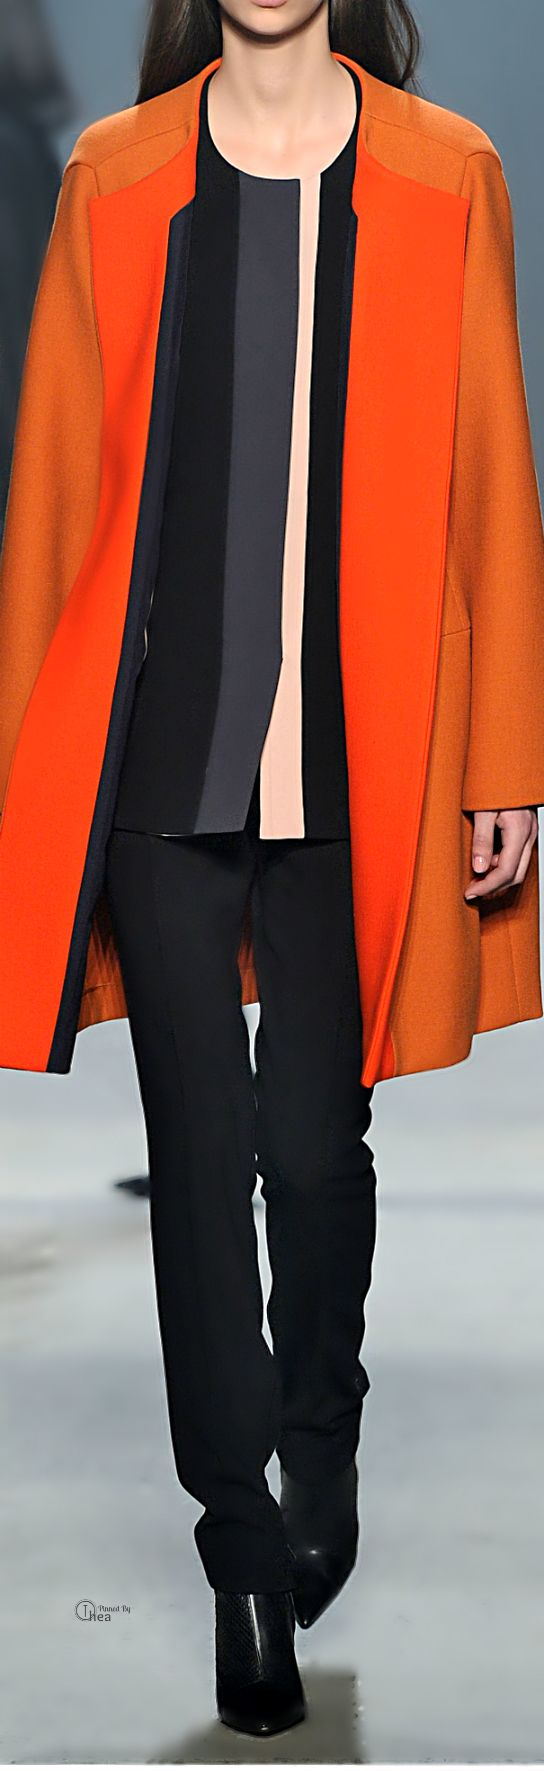 Narciso Rodriguez ● Fall 2014, Stuffed Felt Coat